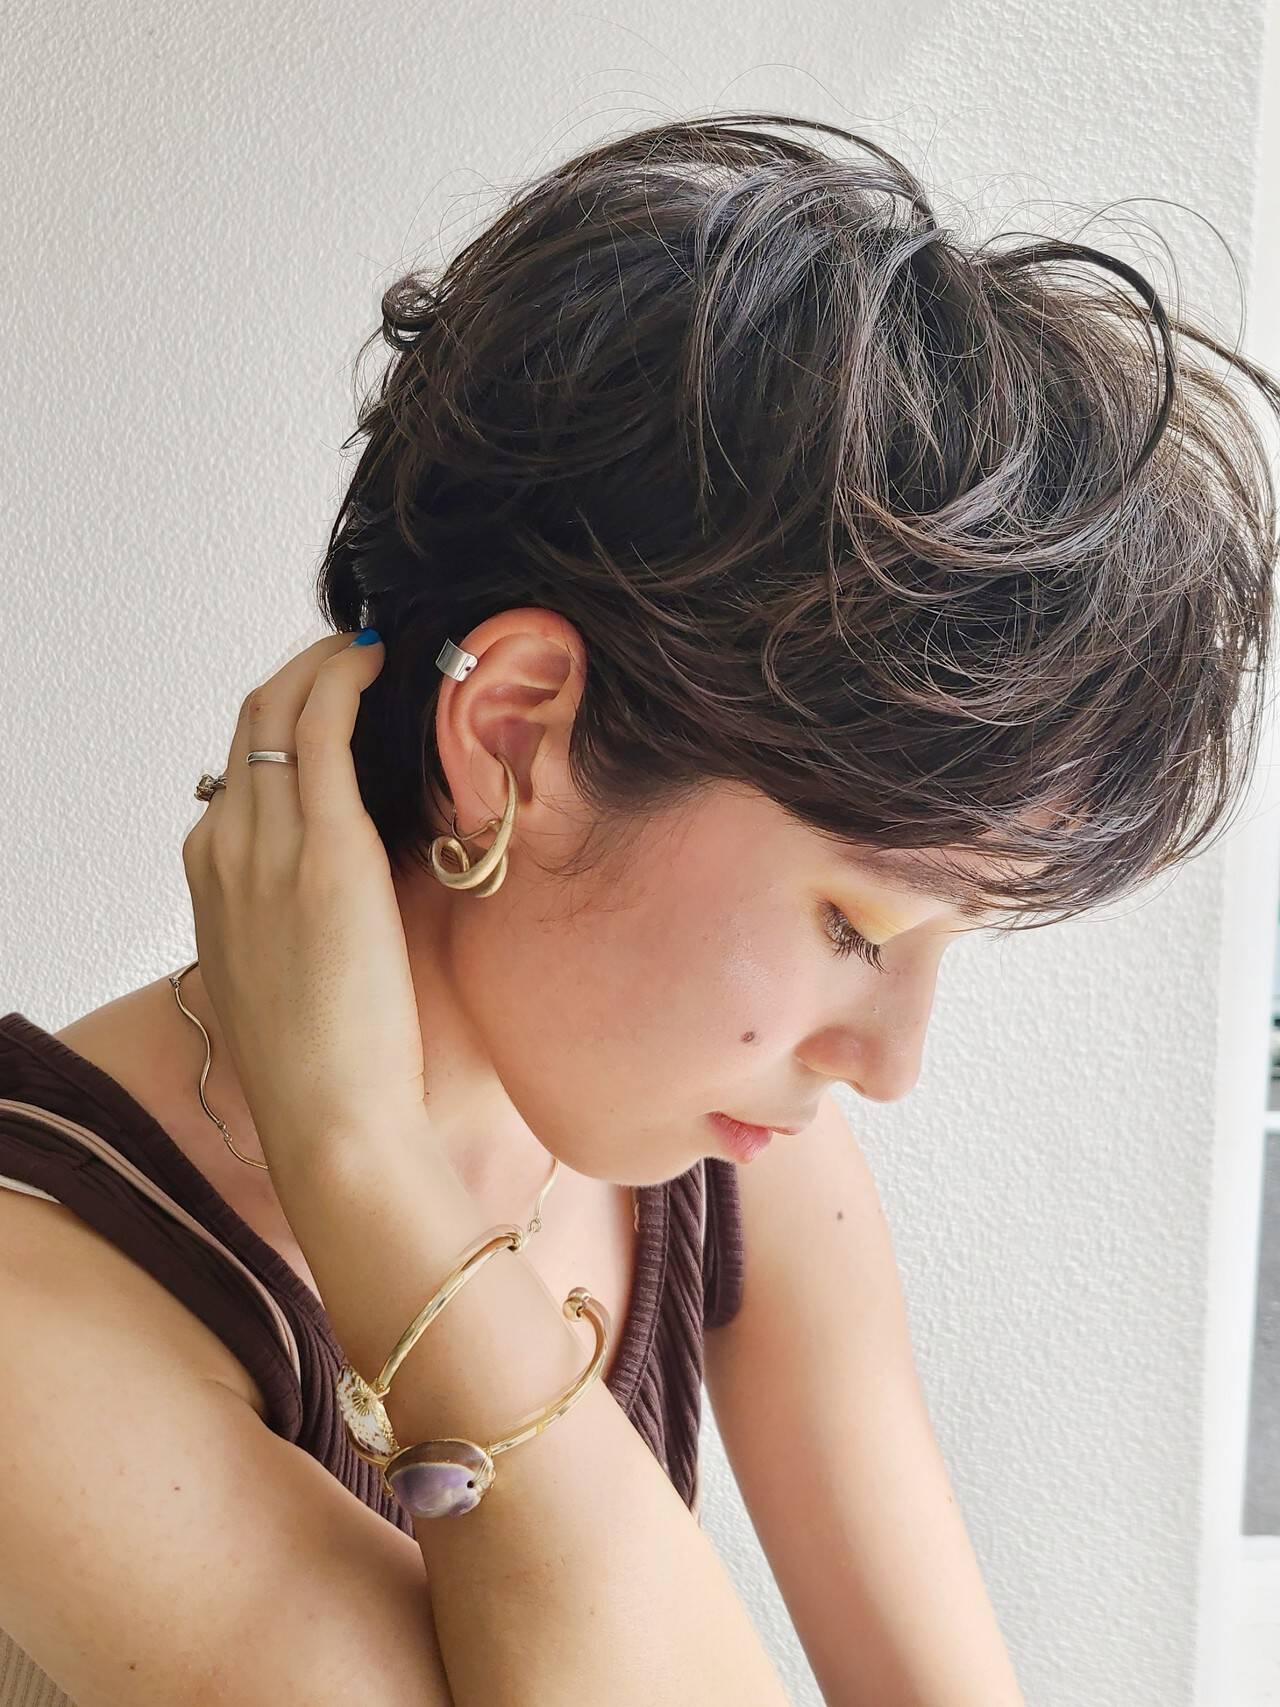 ショート ニュアンスパーマ ハンサムショート ショートボブヘアスタイルや髪型の写真・画像